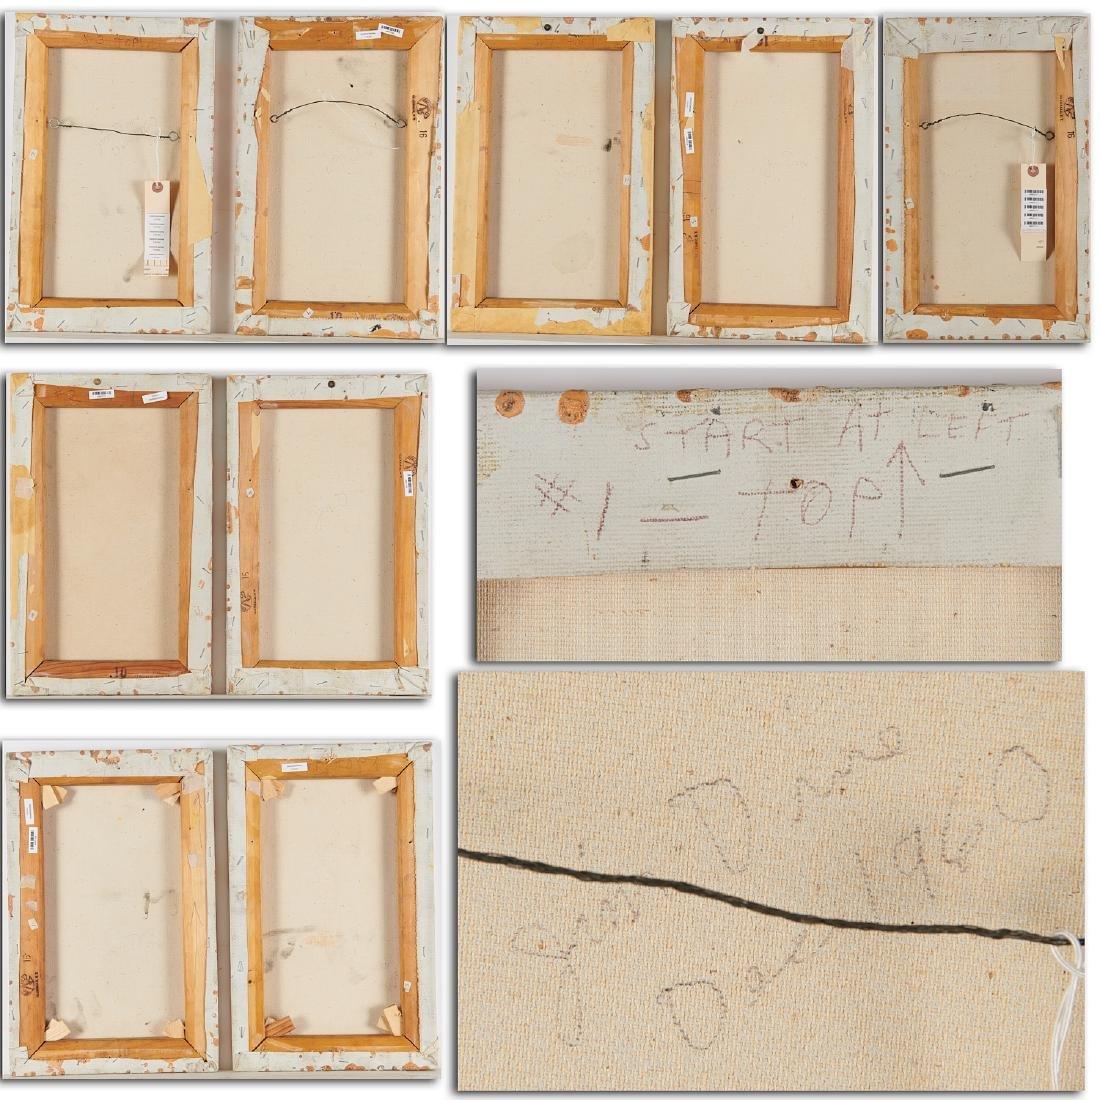 Jim Dine, (9) panel painting, 1959-1960 - 10